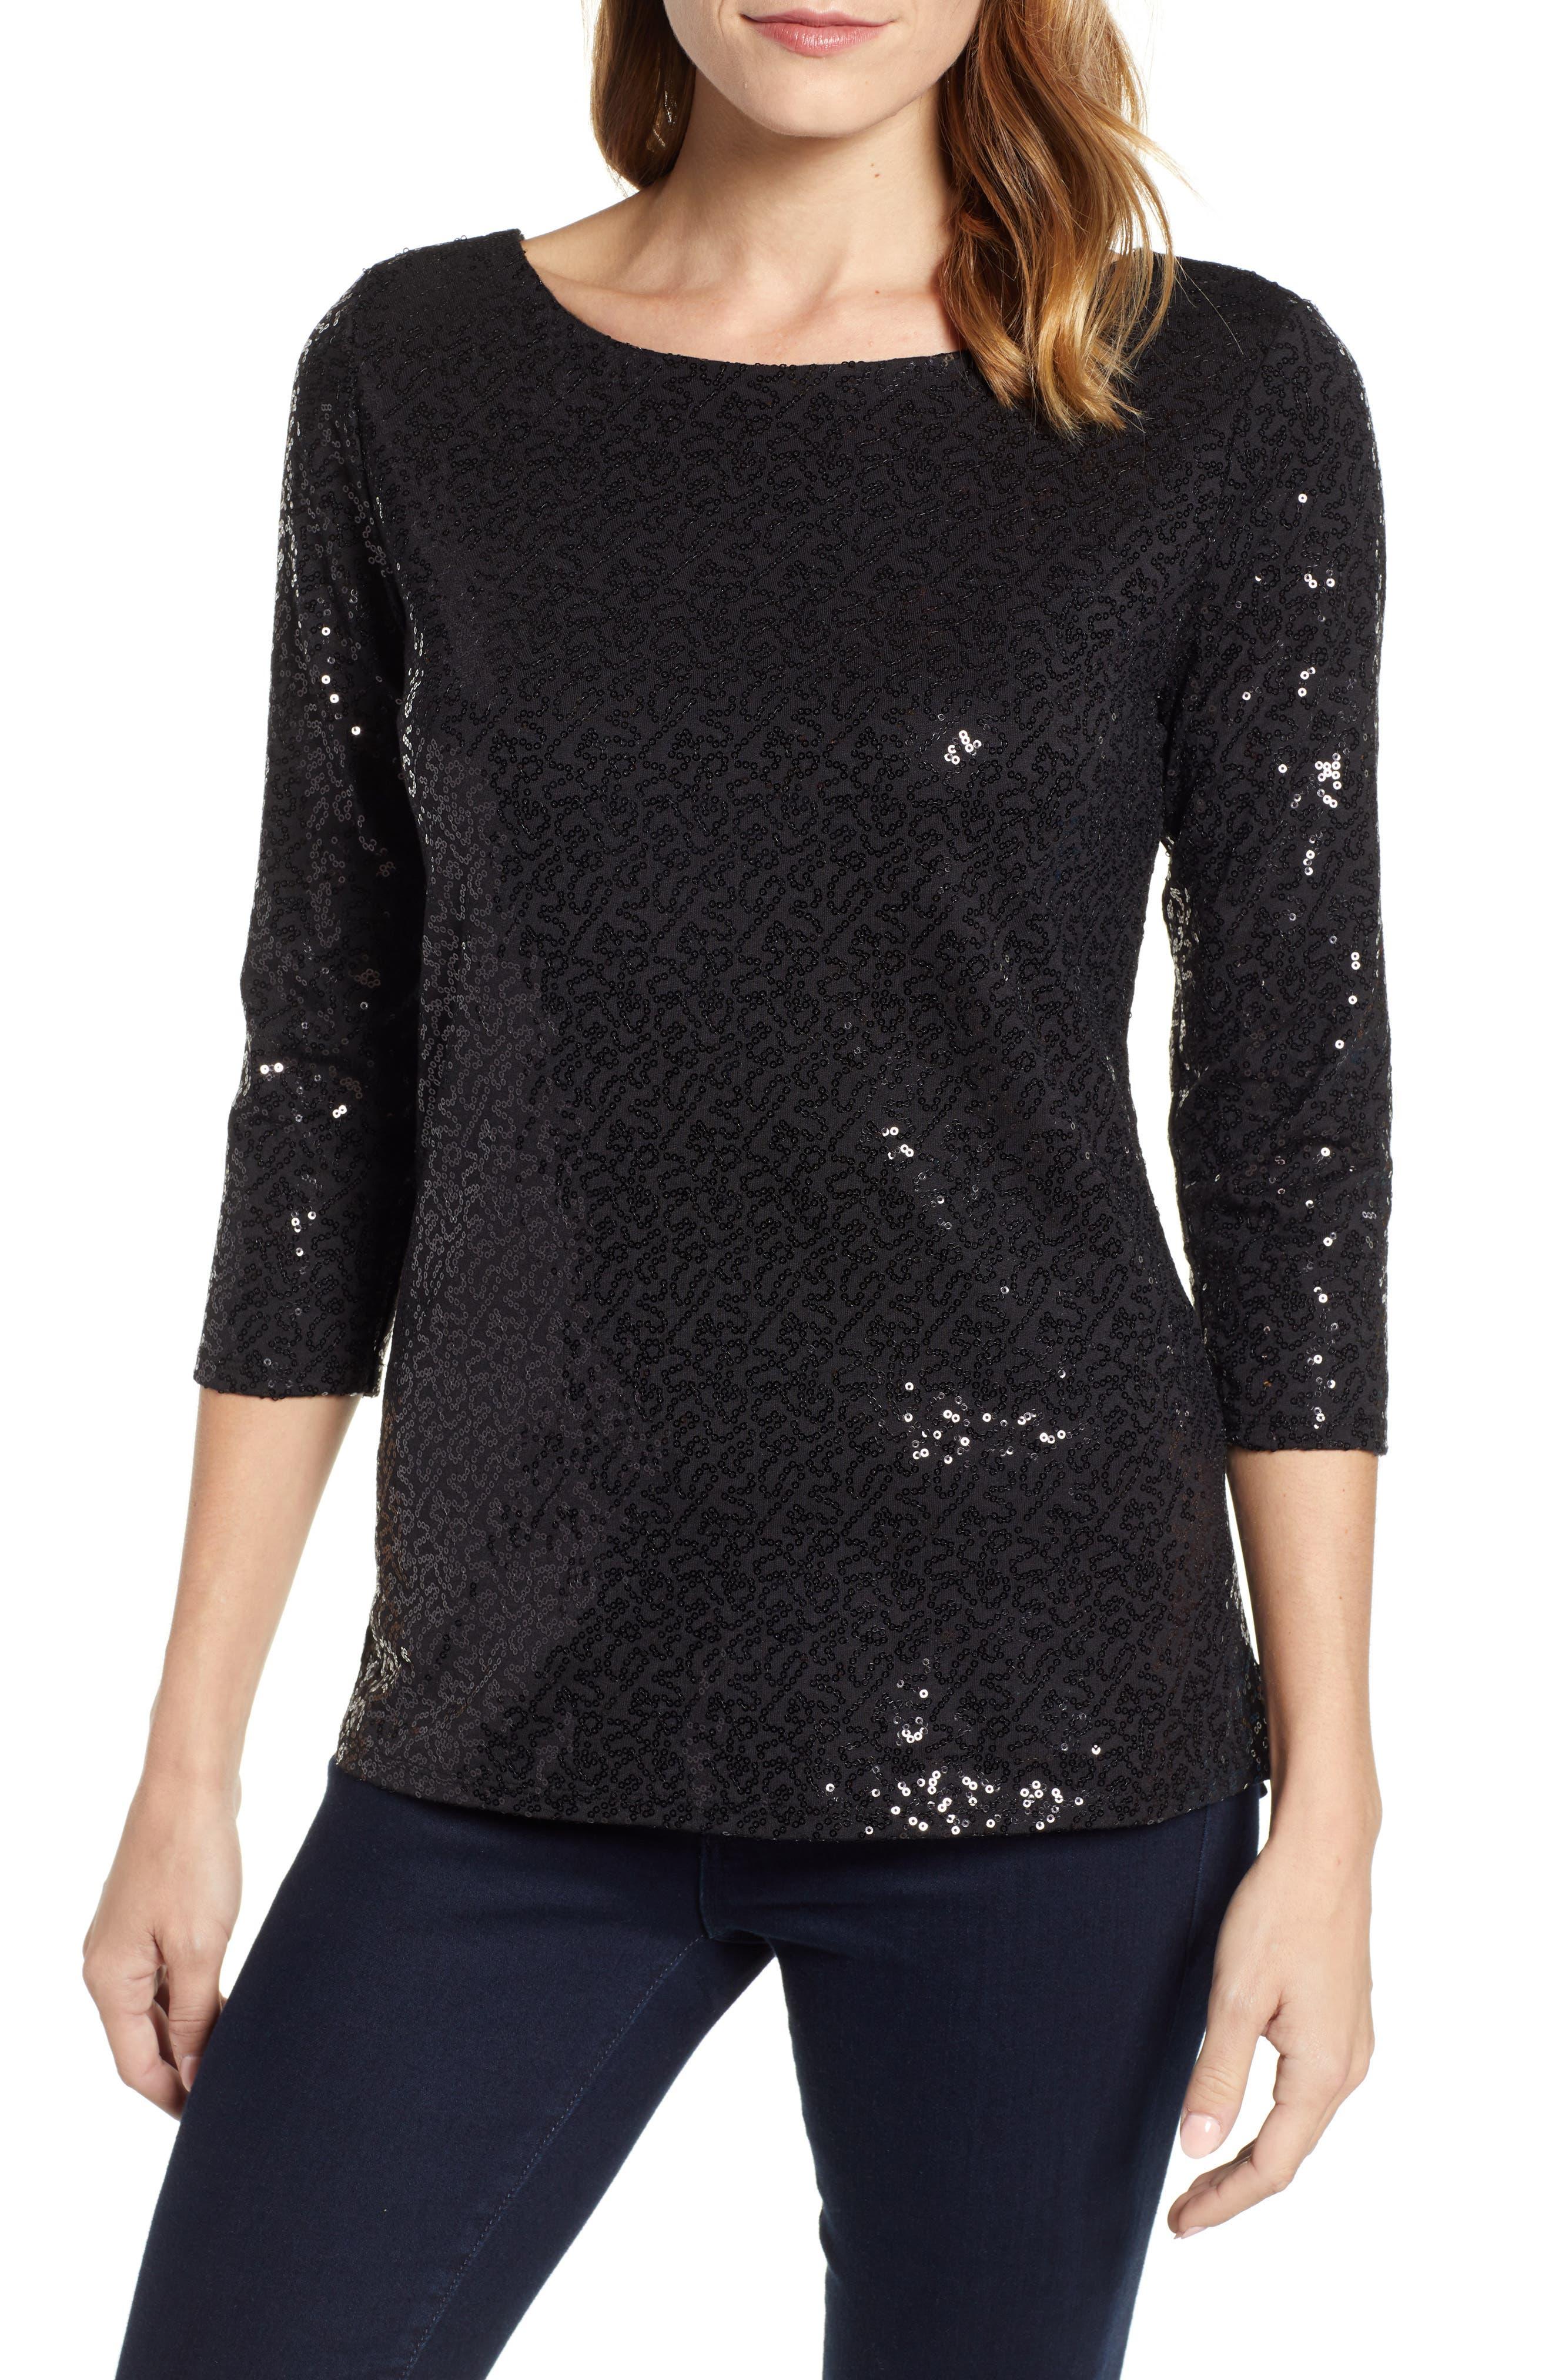 x Glam Squad Megan Sequin Embellished Scoop Back Top,                         Main,                         color, BLACK